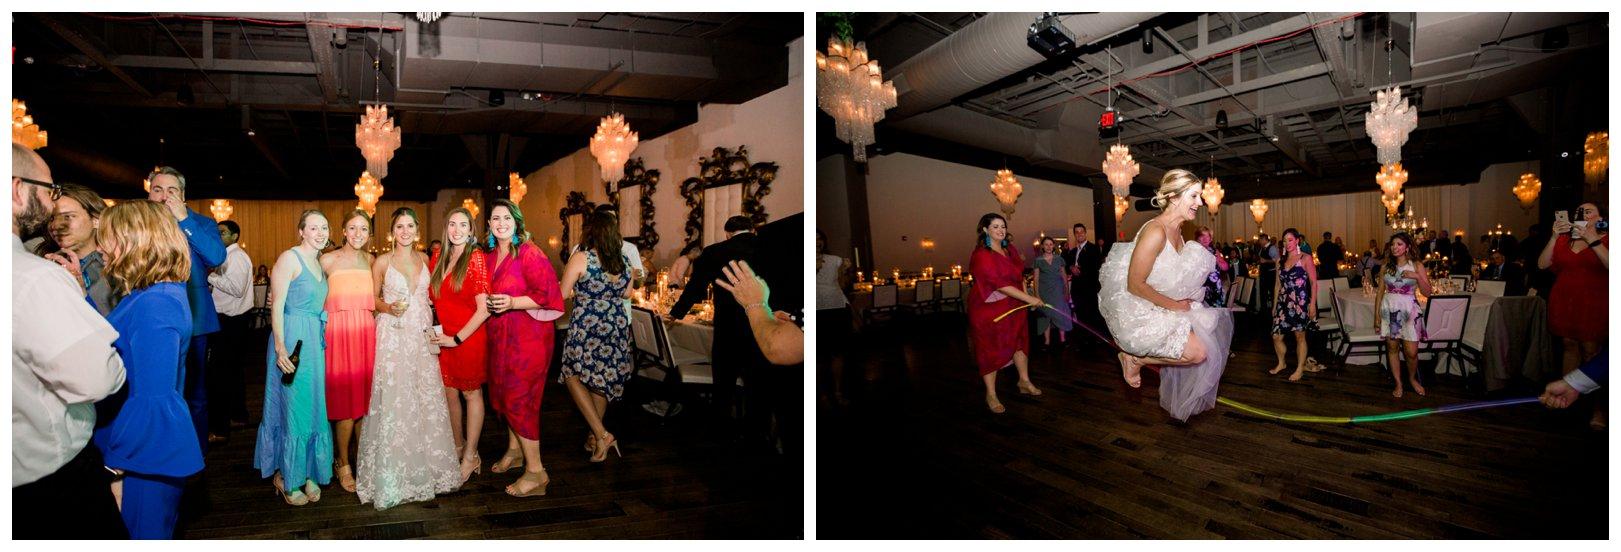 lauren muckler photography_fine art film wedding photography_st louis_photography_3214.jpg